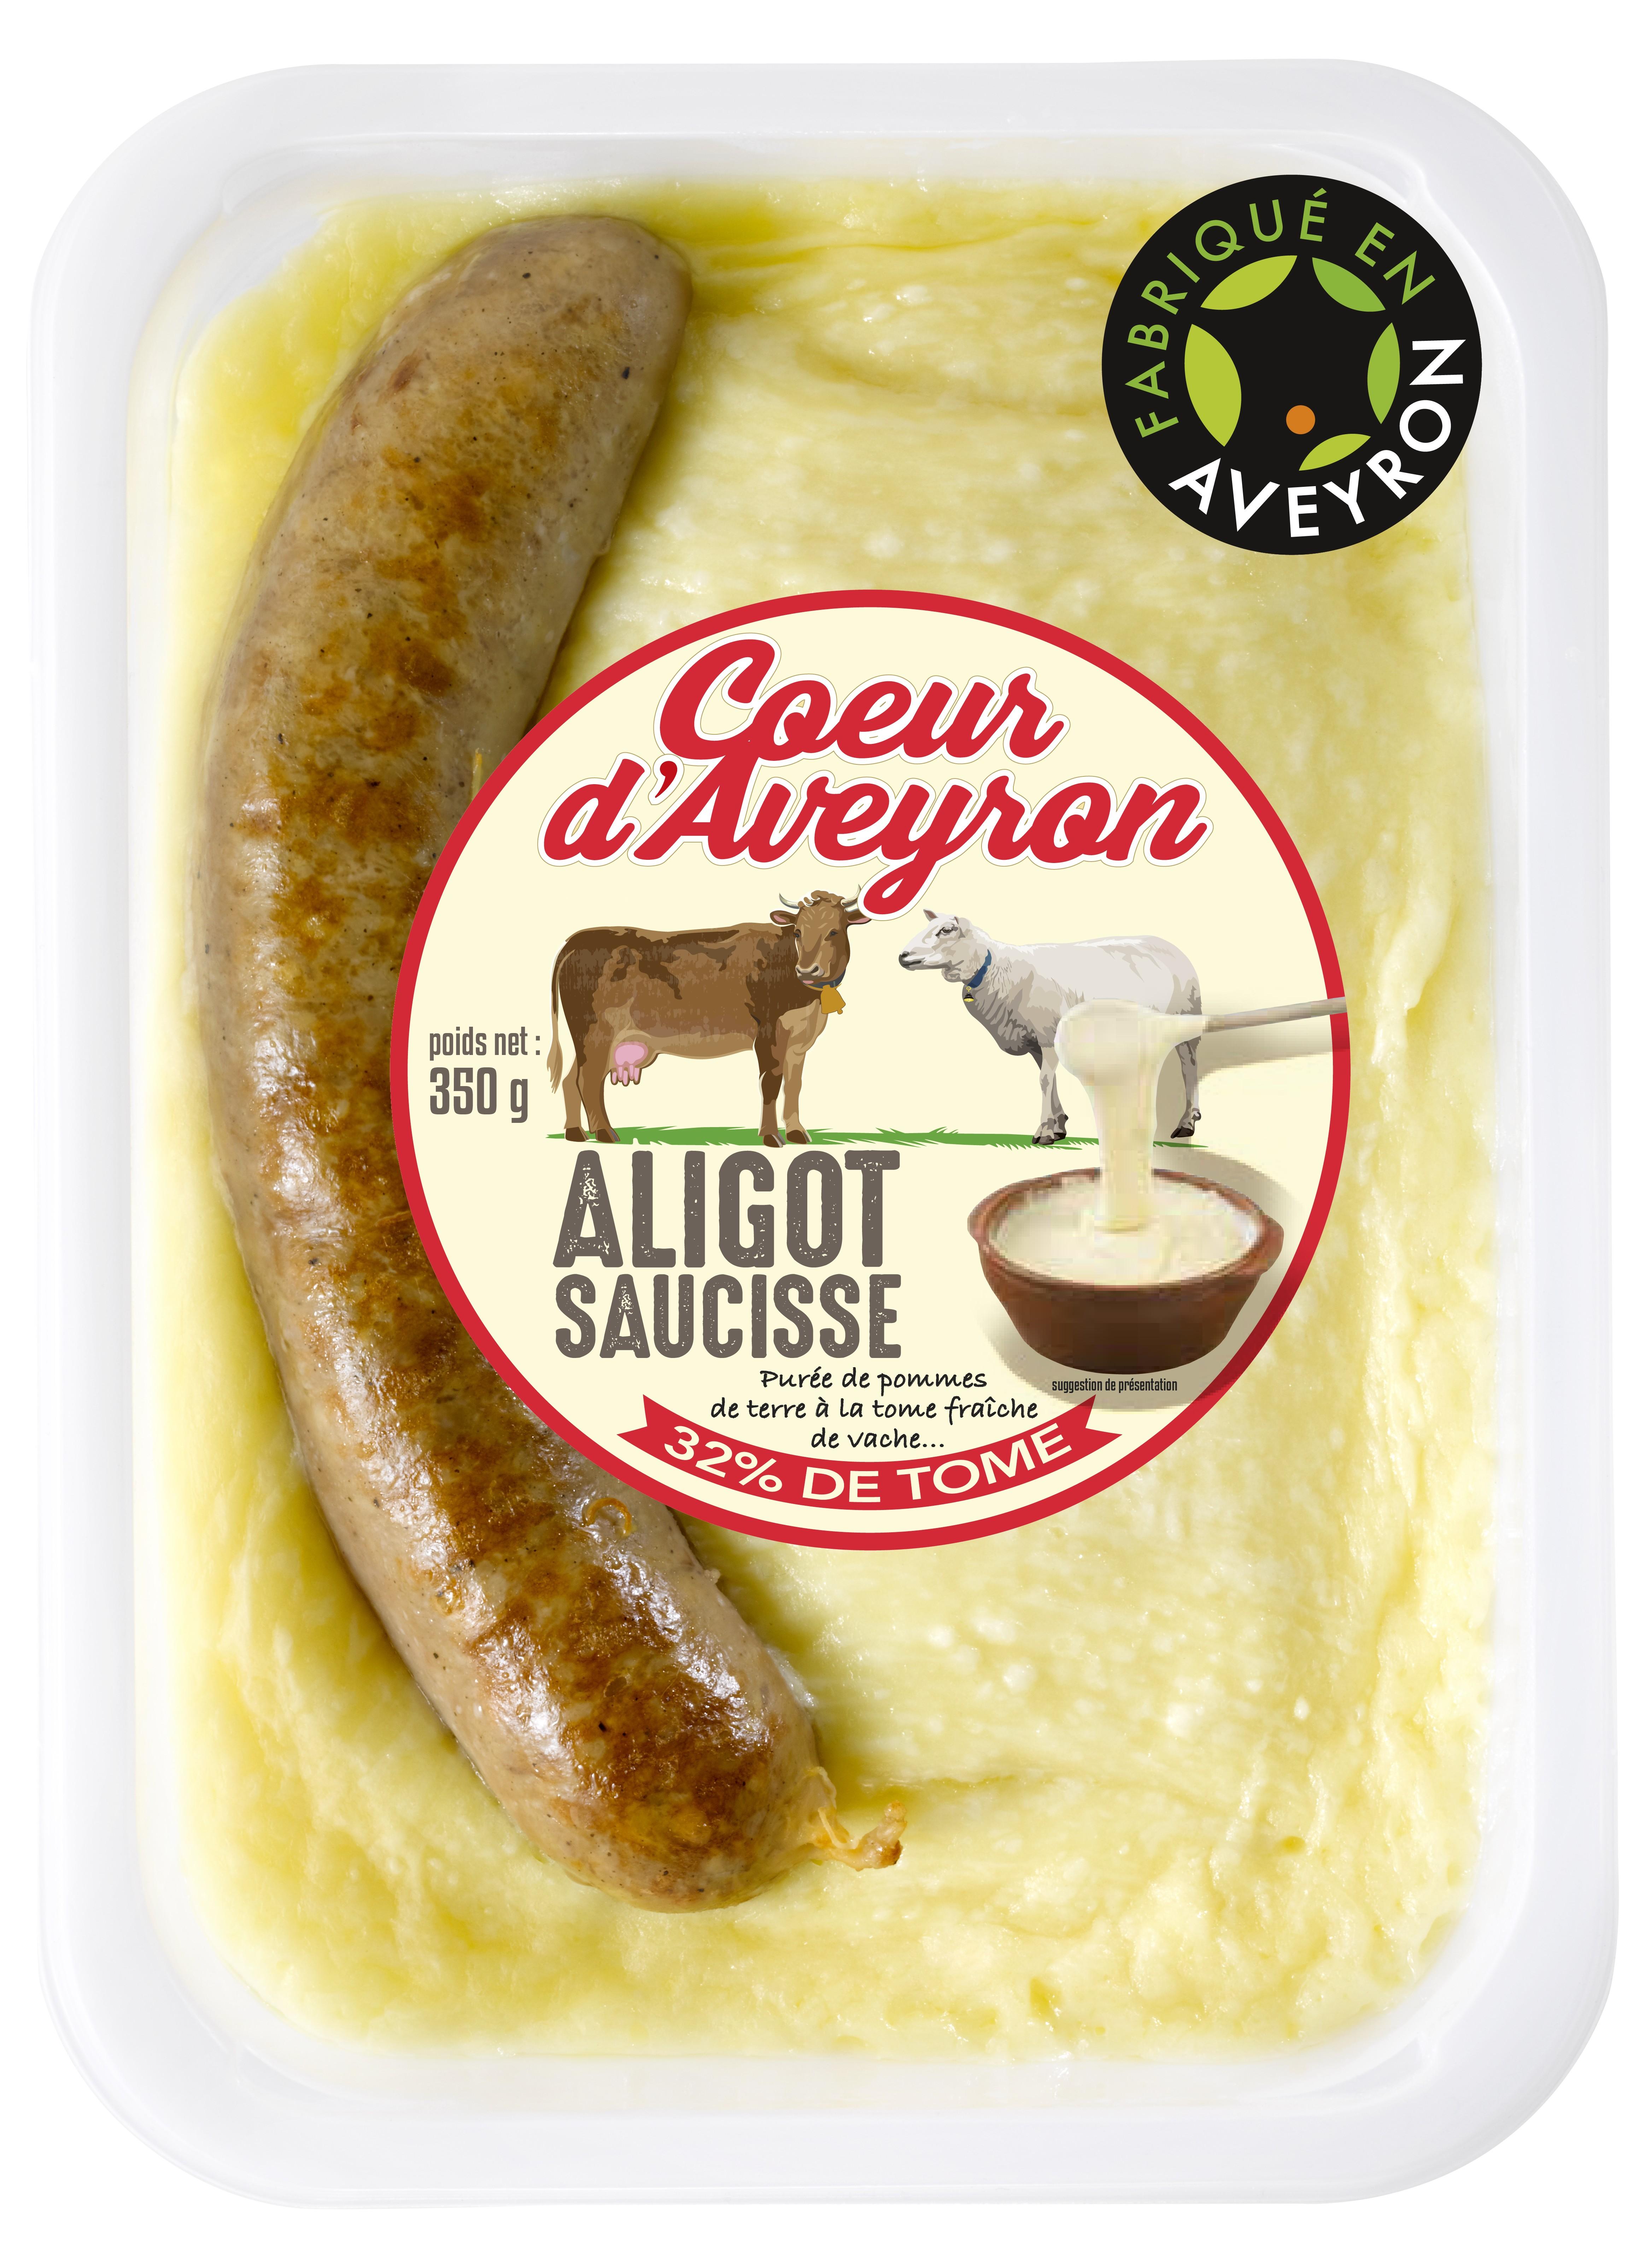 Aligot Saucisse, Coeur d'Aveyron (350 g)